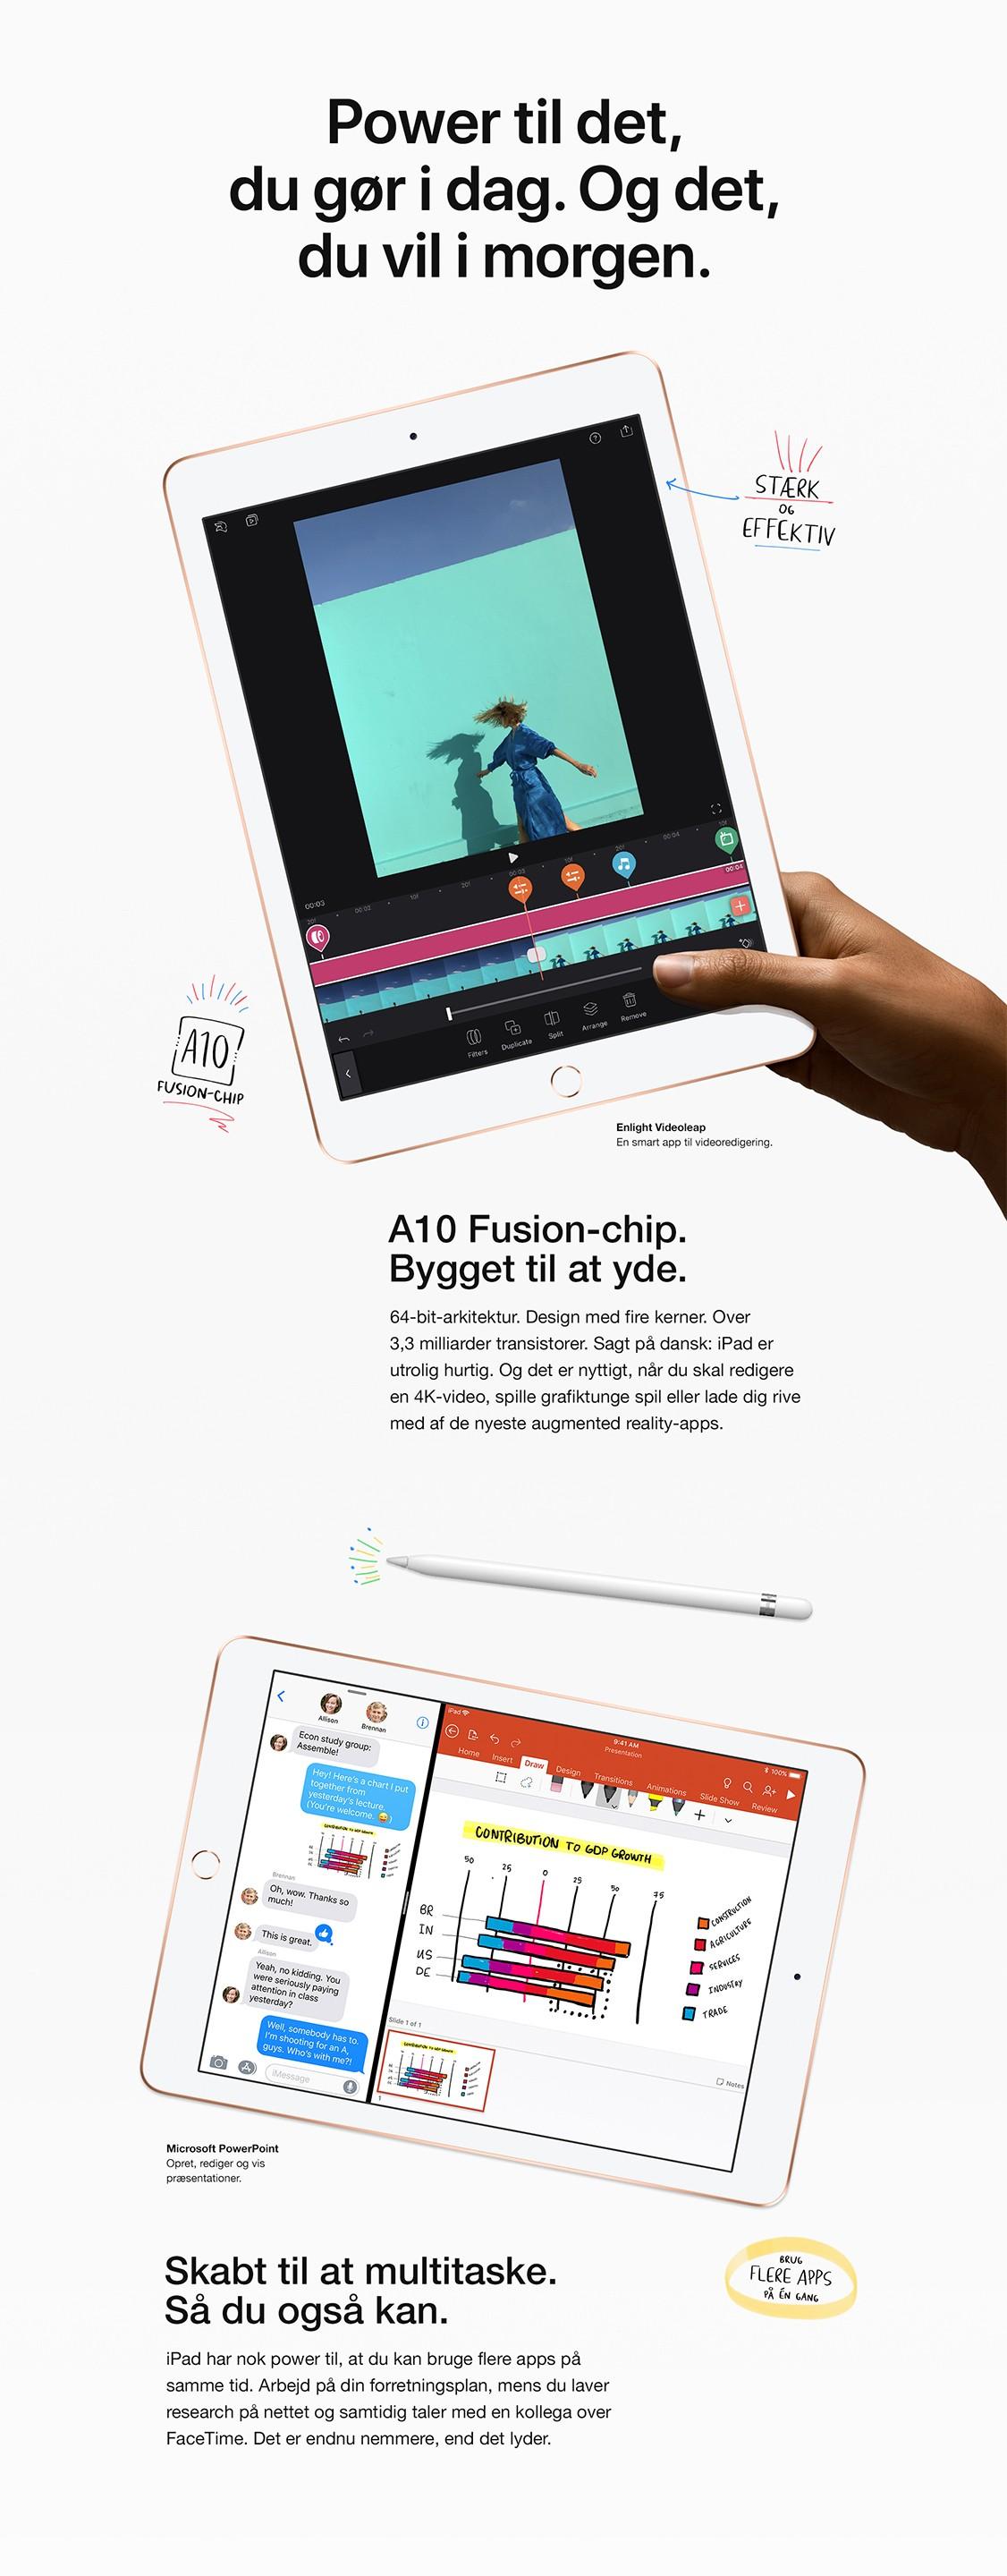 iPad med A10 Fusion chip, giver dig kraft til at yde mere